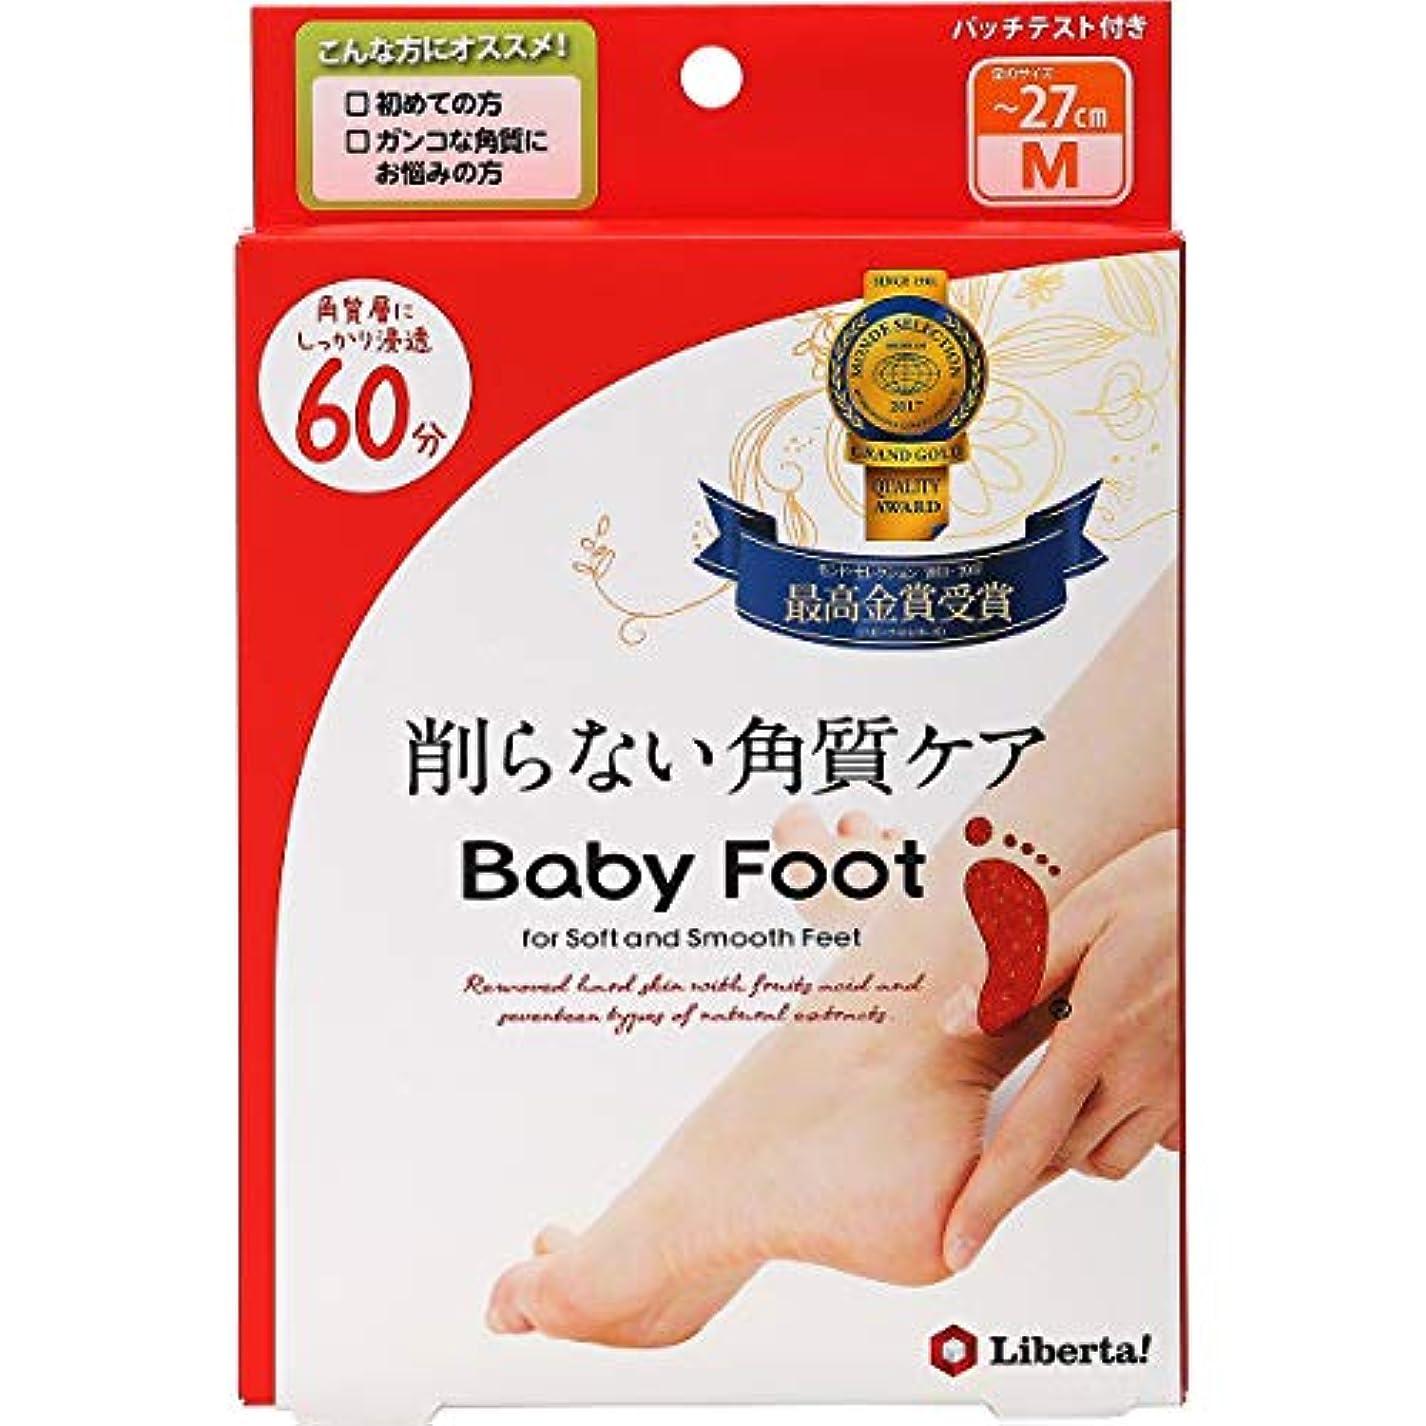 確保するマント雄弁なベビーフット (Baby Foot) ベビーフット イージーパック SPT60分タイプ Mサイズ 単品